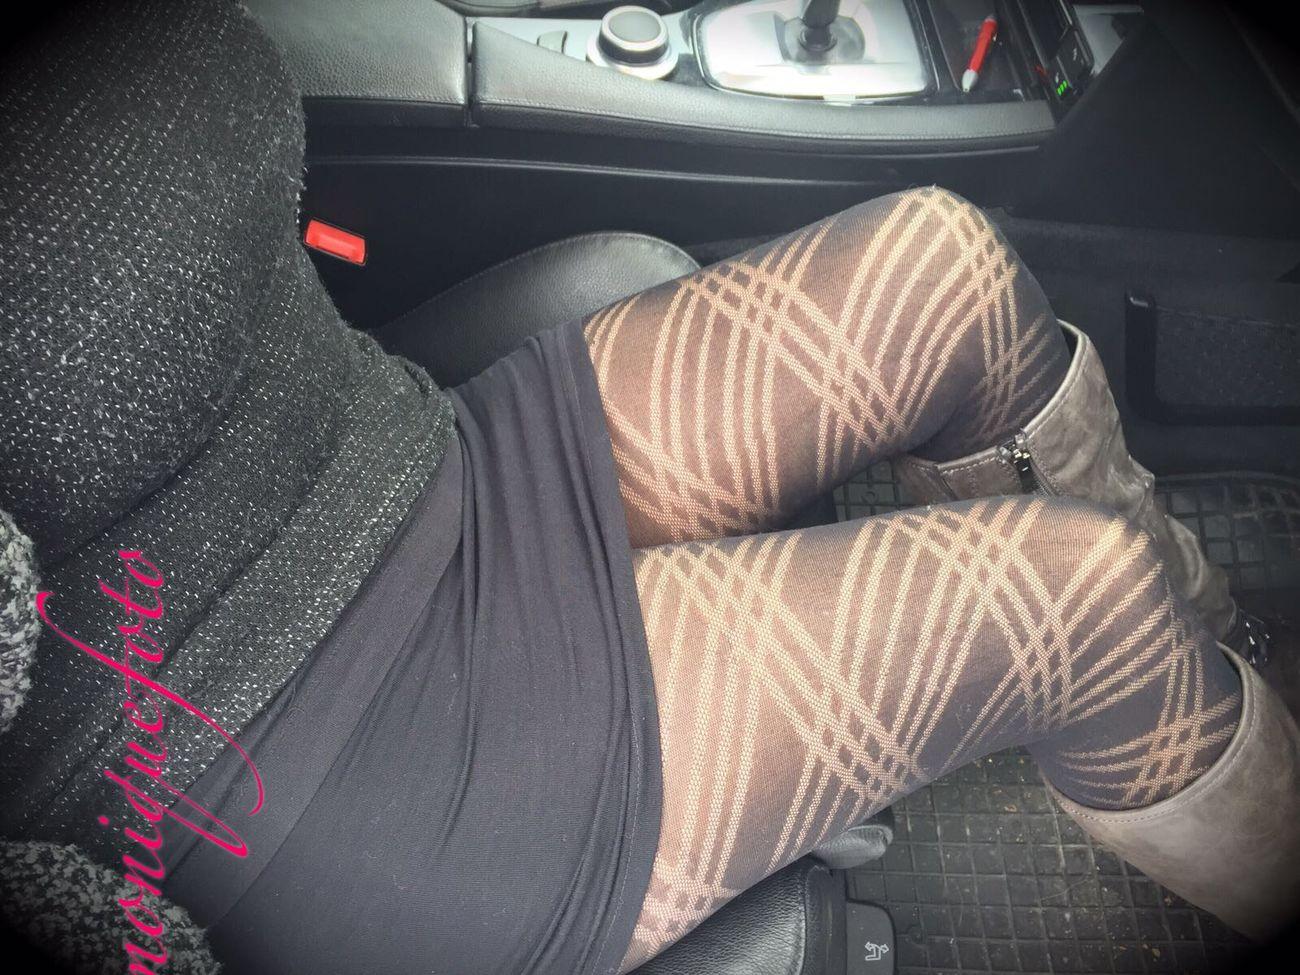 im Auto ist es schon kuscheliger. 💕💗 Monique52 Minirock Tights Pantyhose Pantyhosefetish Im Auto ThatsMe Adult Woman Sexyme Sexywomen Sexypics Femininity Sensual 💕 Curves Voyeurismus Erotic_photo